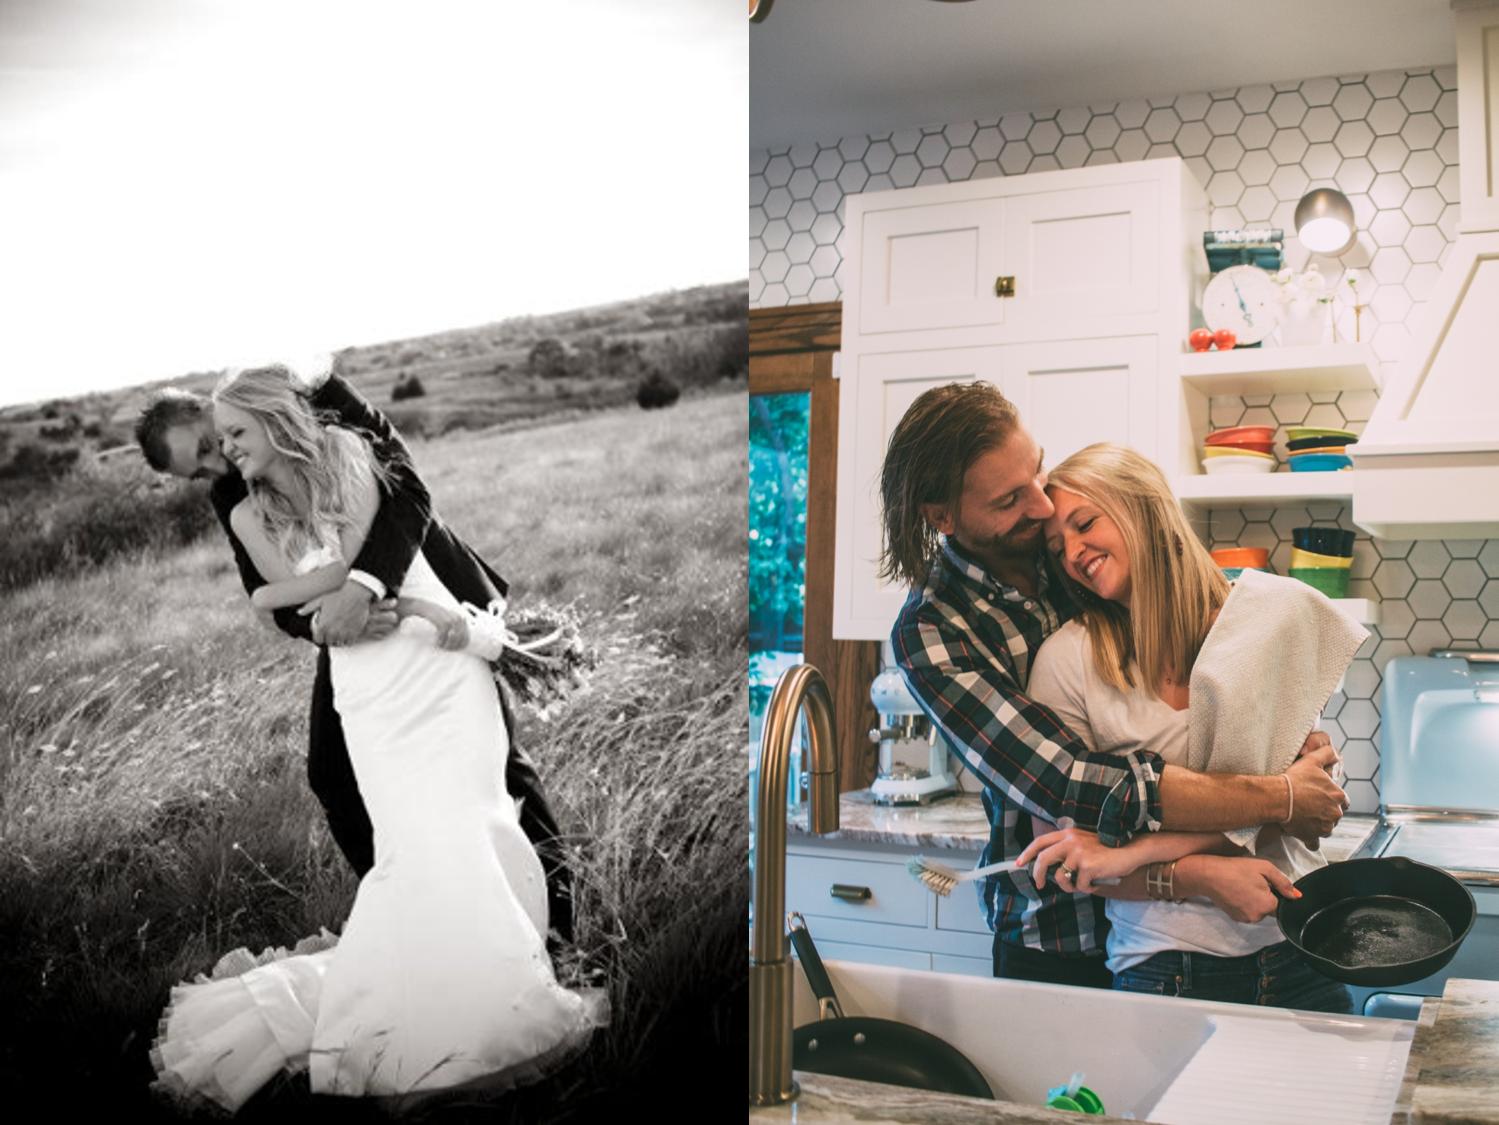 10 year anniversary creative photo recreation